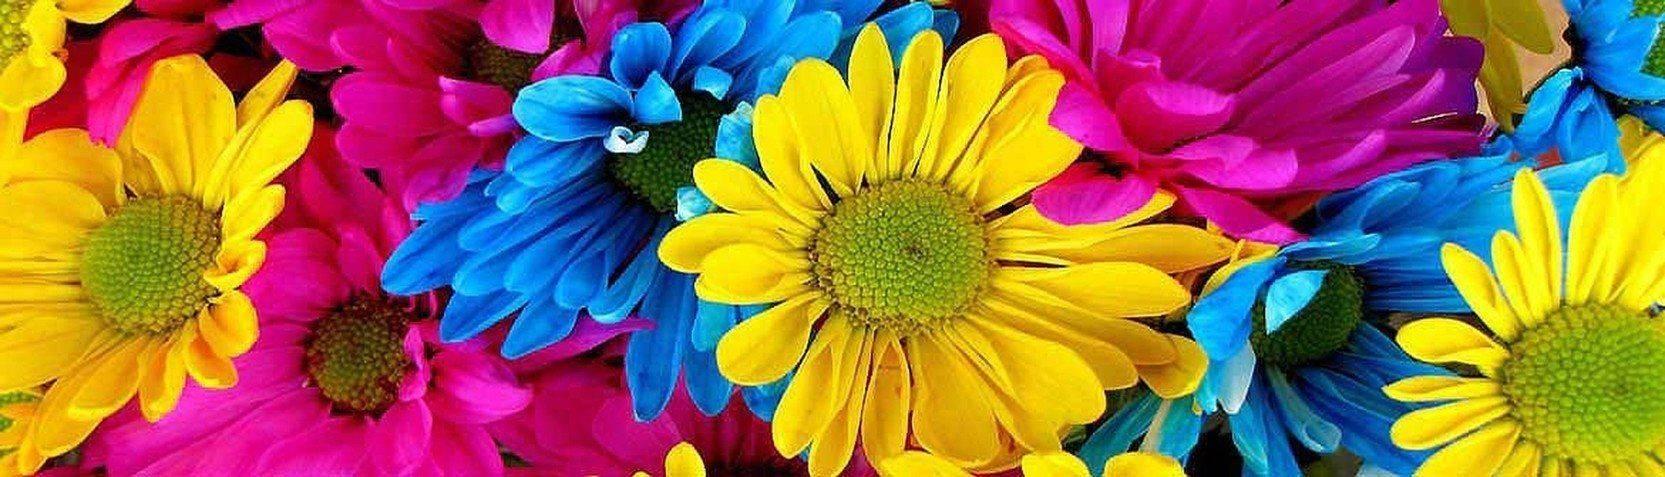 Kollektionen - Blumenmotive